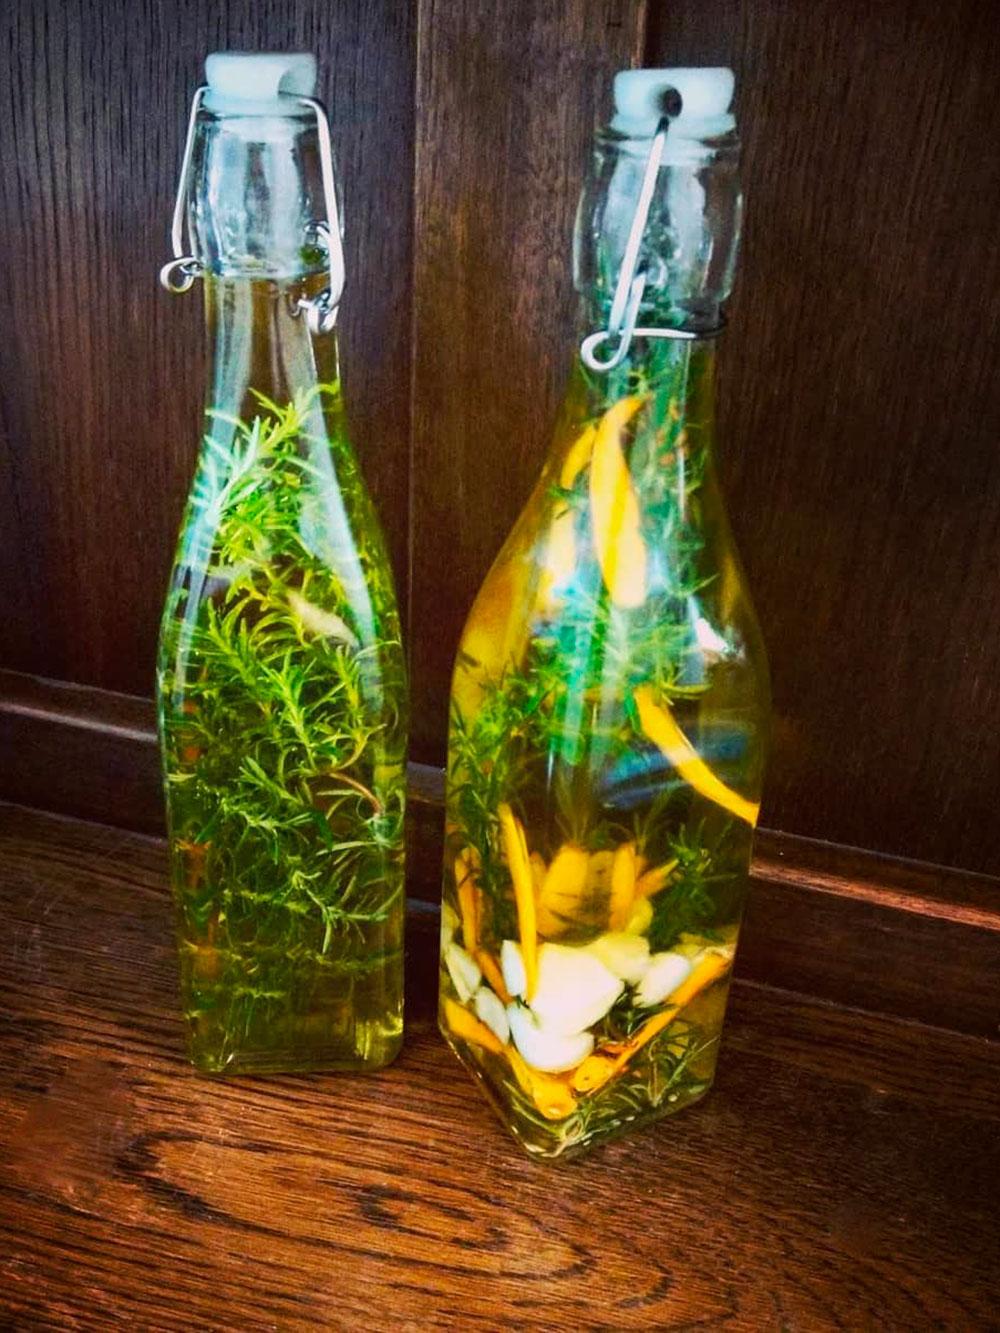 Для пряности греки добавляют в масло травы, перец чили и чеснок